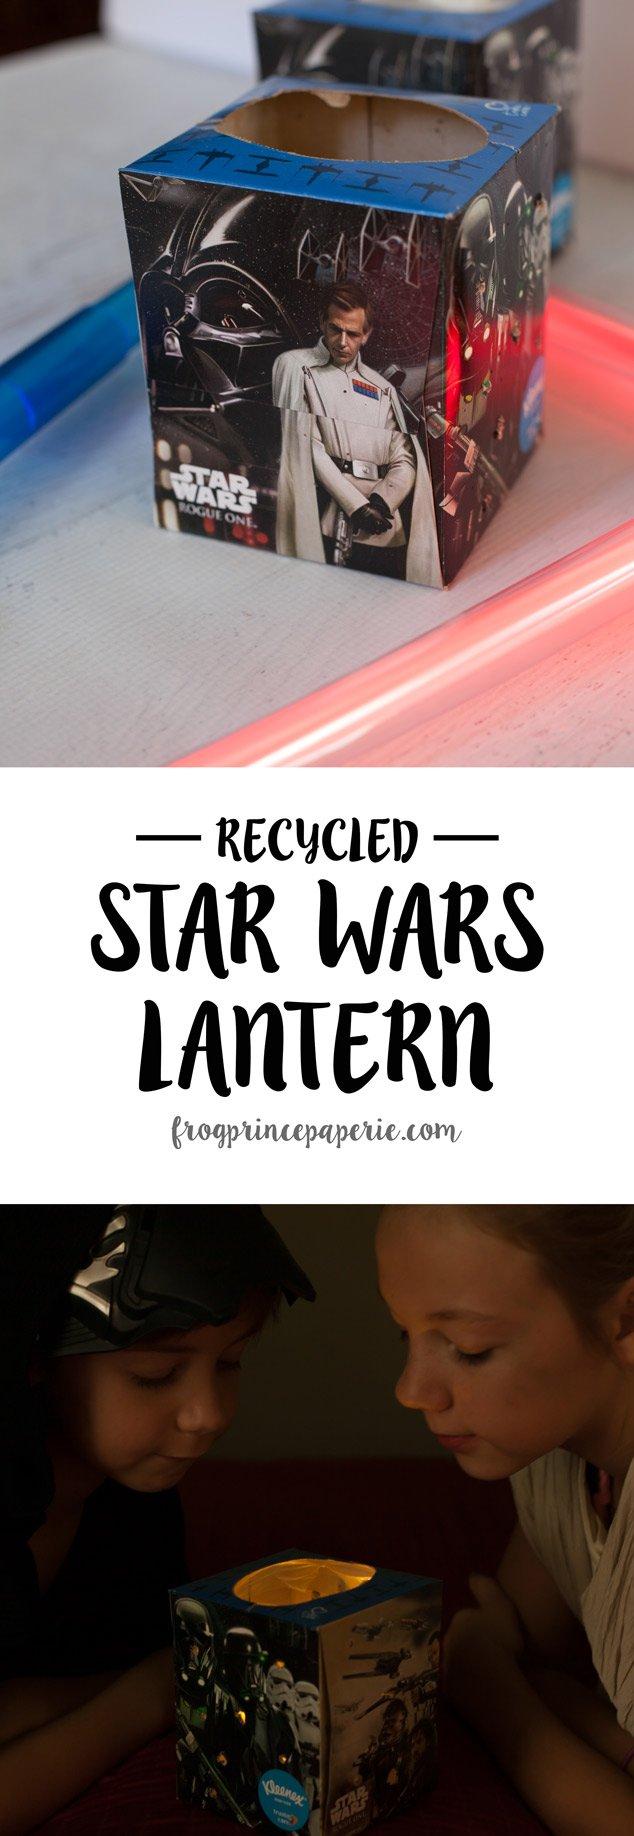 star-wars-kleenex-lantern